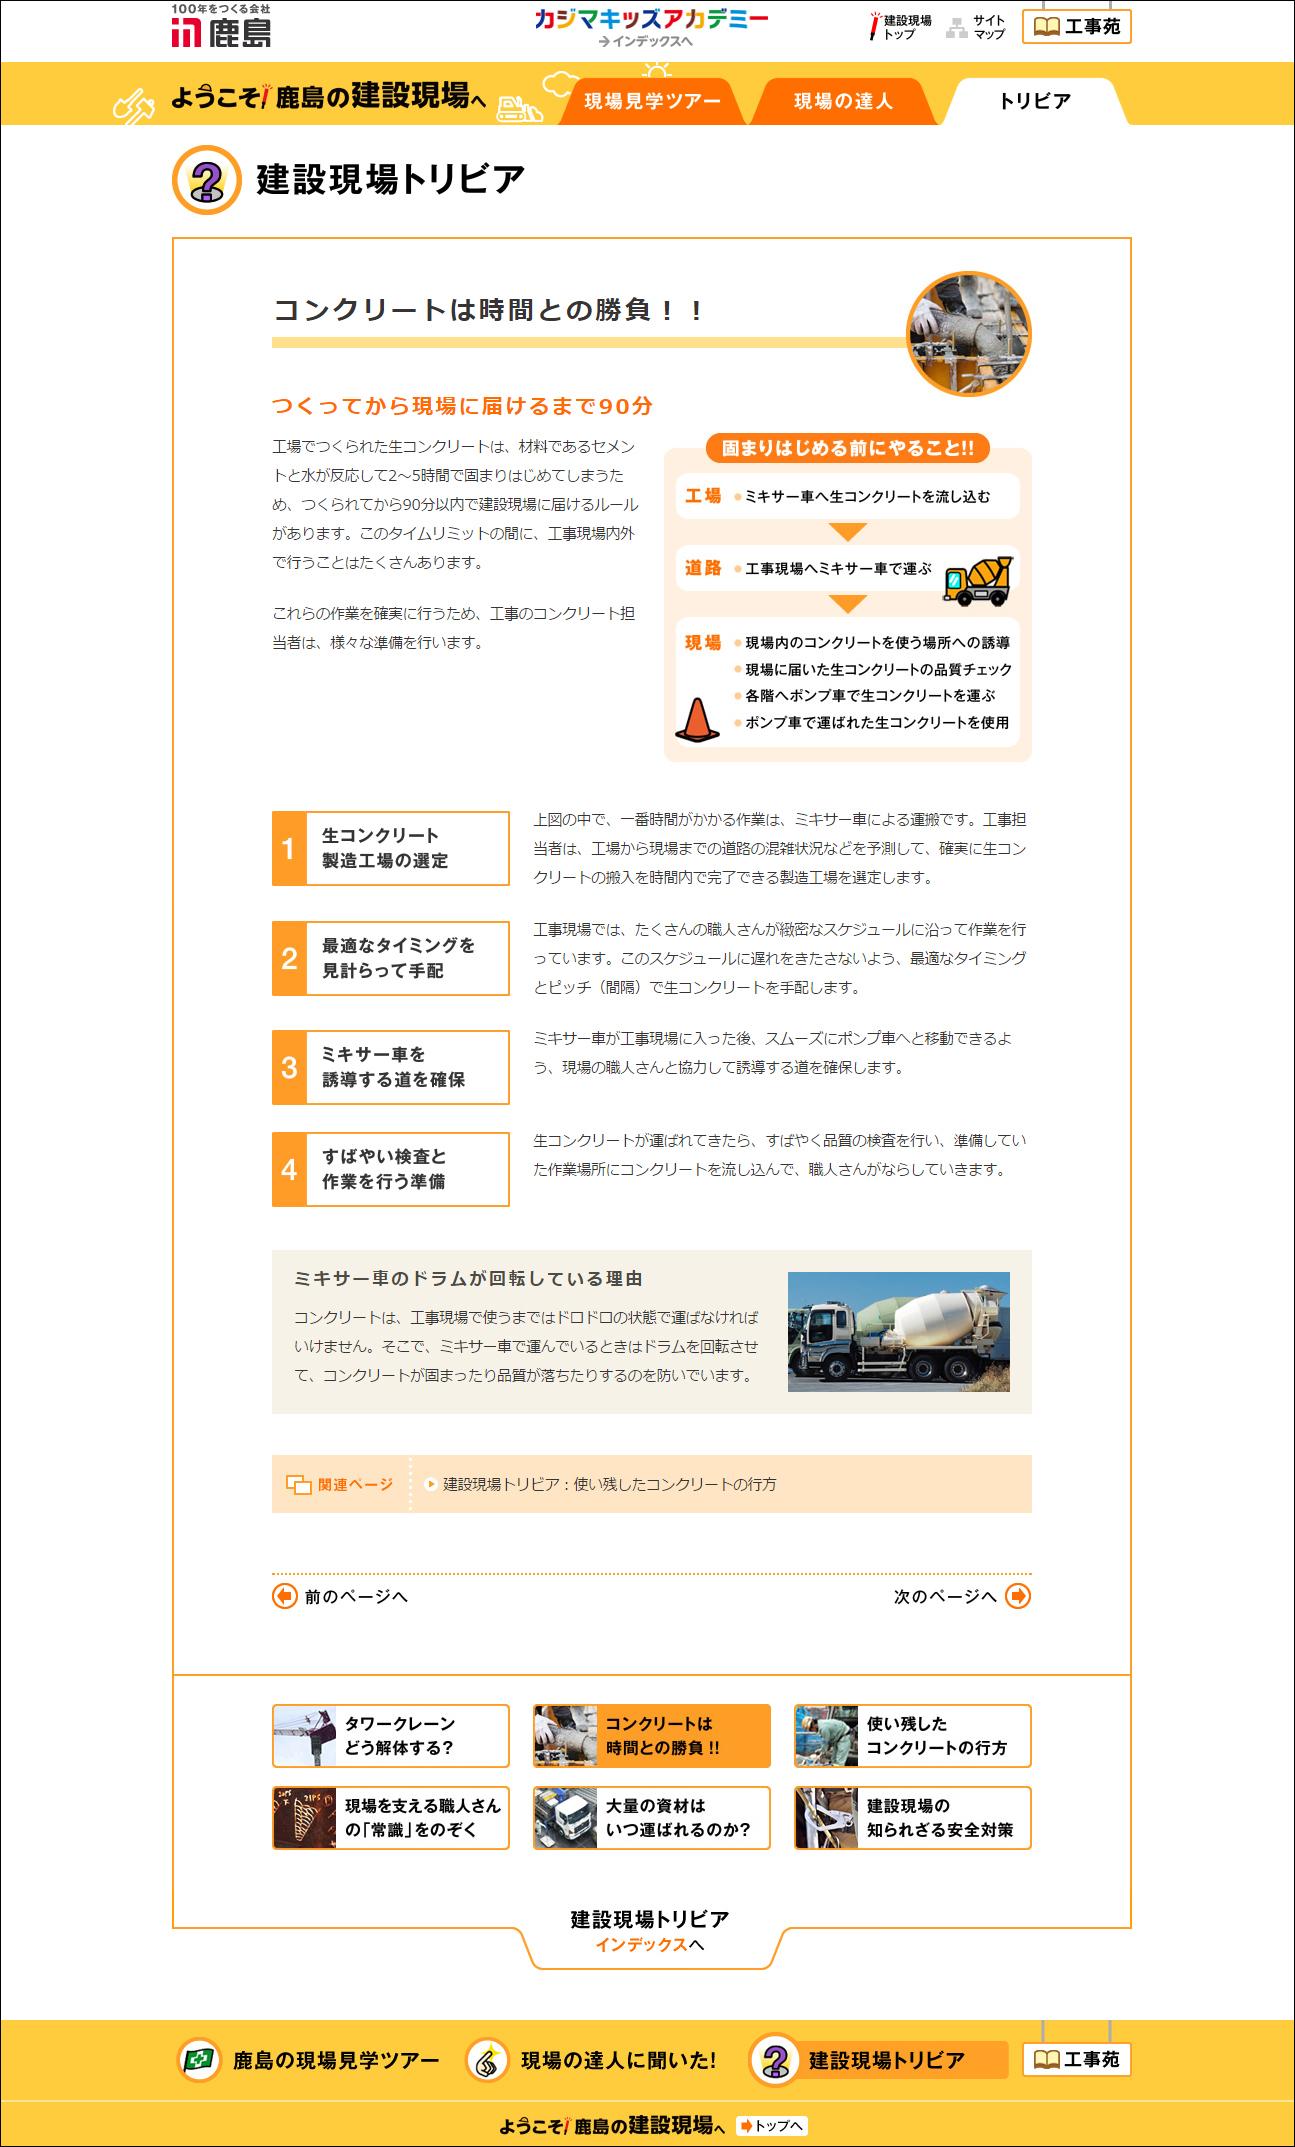 画像:特設サイト制作「カジマキッズアカデミー-ようこそ鹿島の建設現場へ-」/鹿島建設